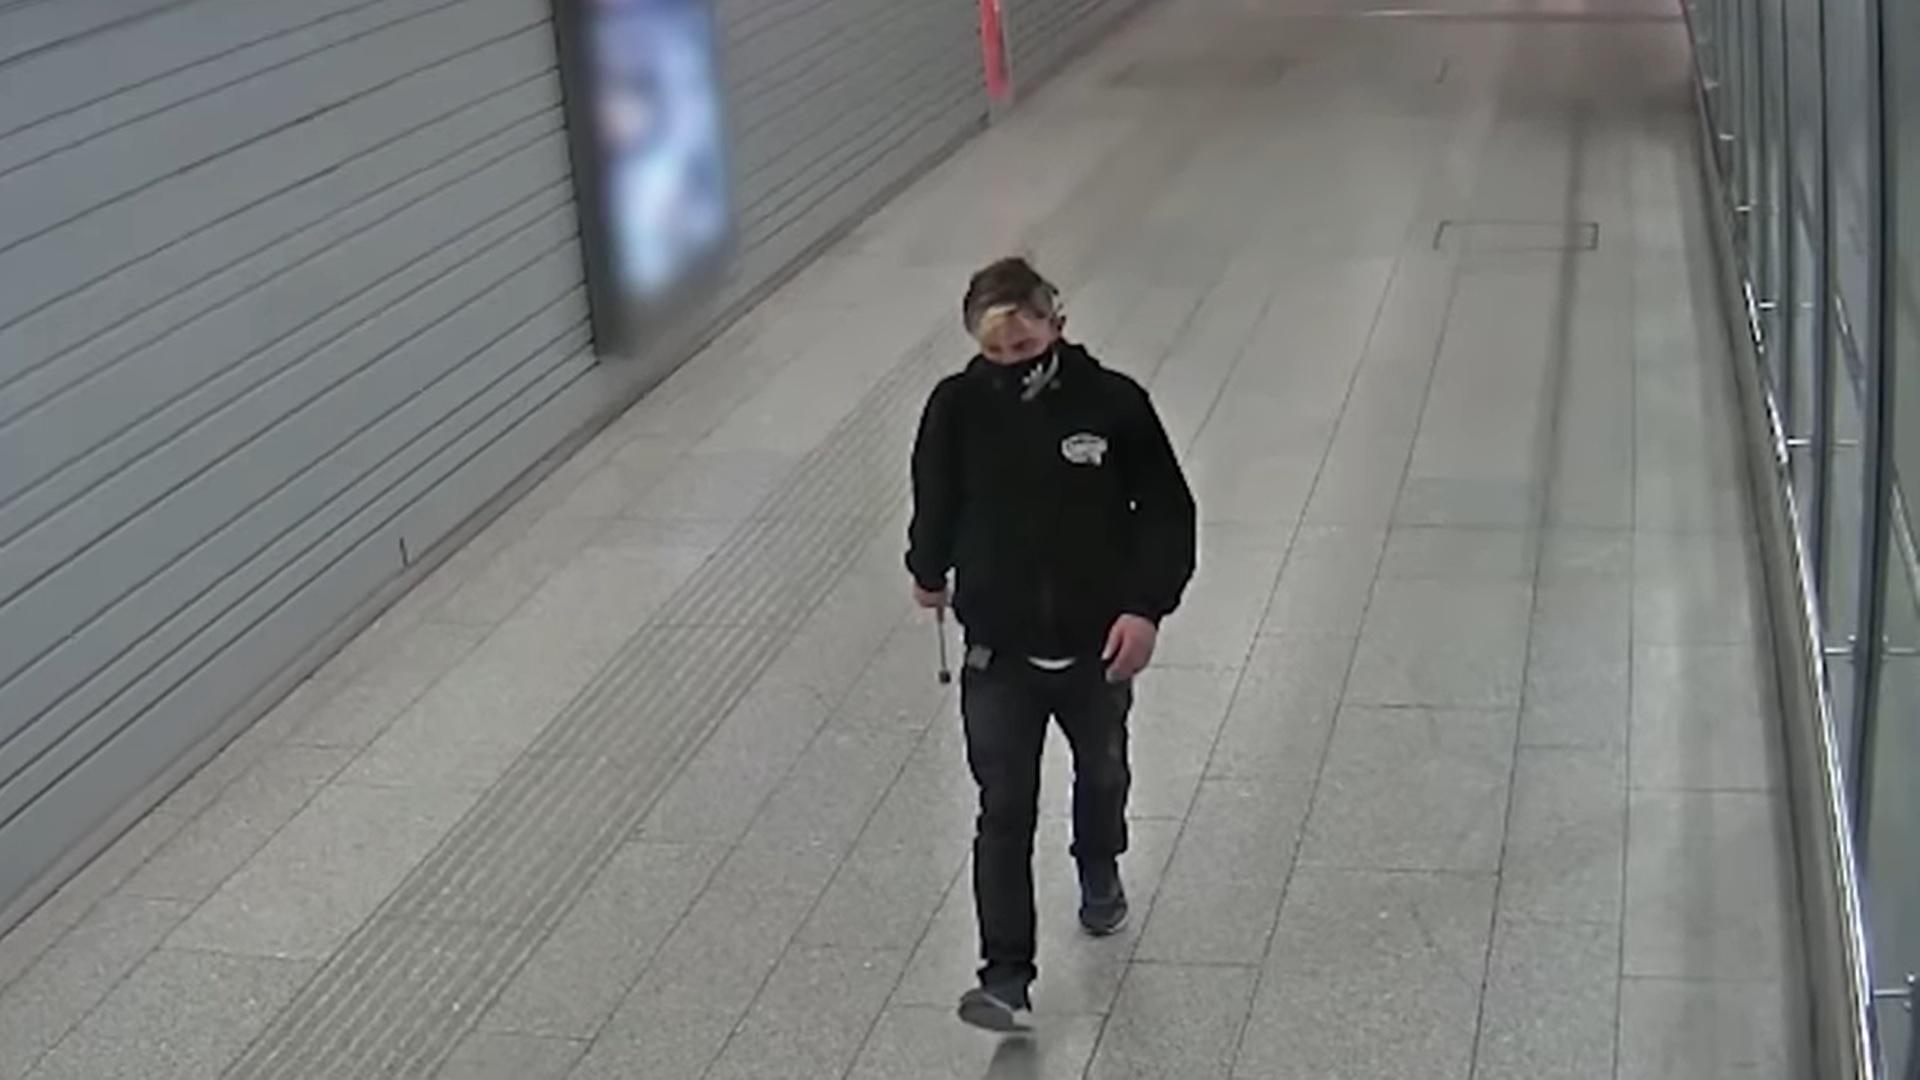 Egy srác a Kelenföldi pályaudvaron lazán szétverte húsklopfolóval 8 jegy- és csomagkiadó automata kijelzőjét